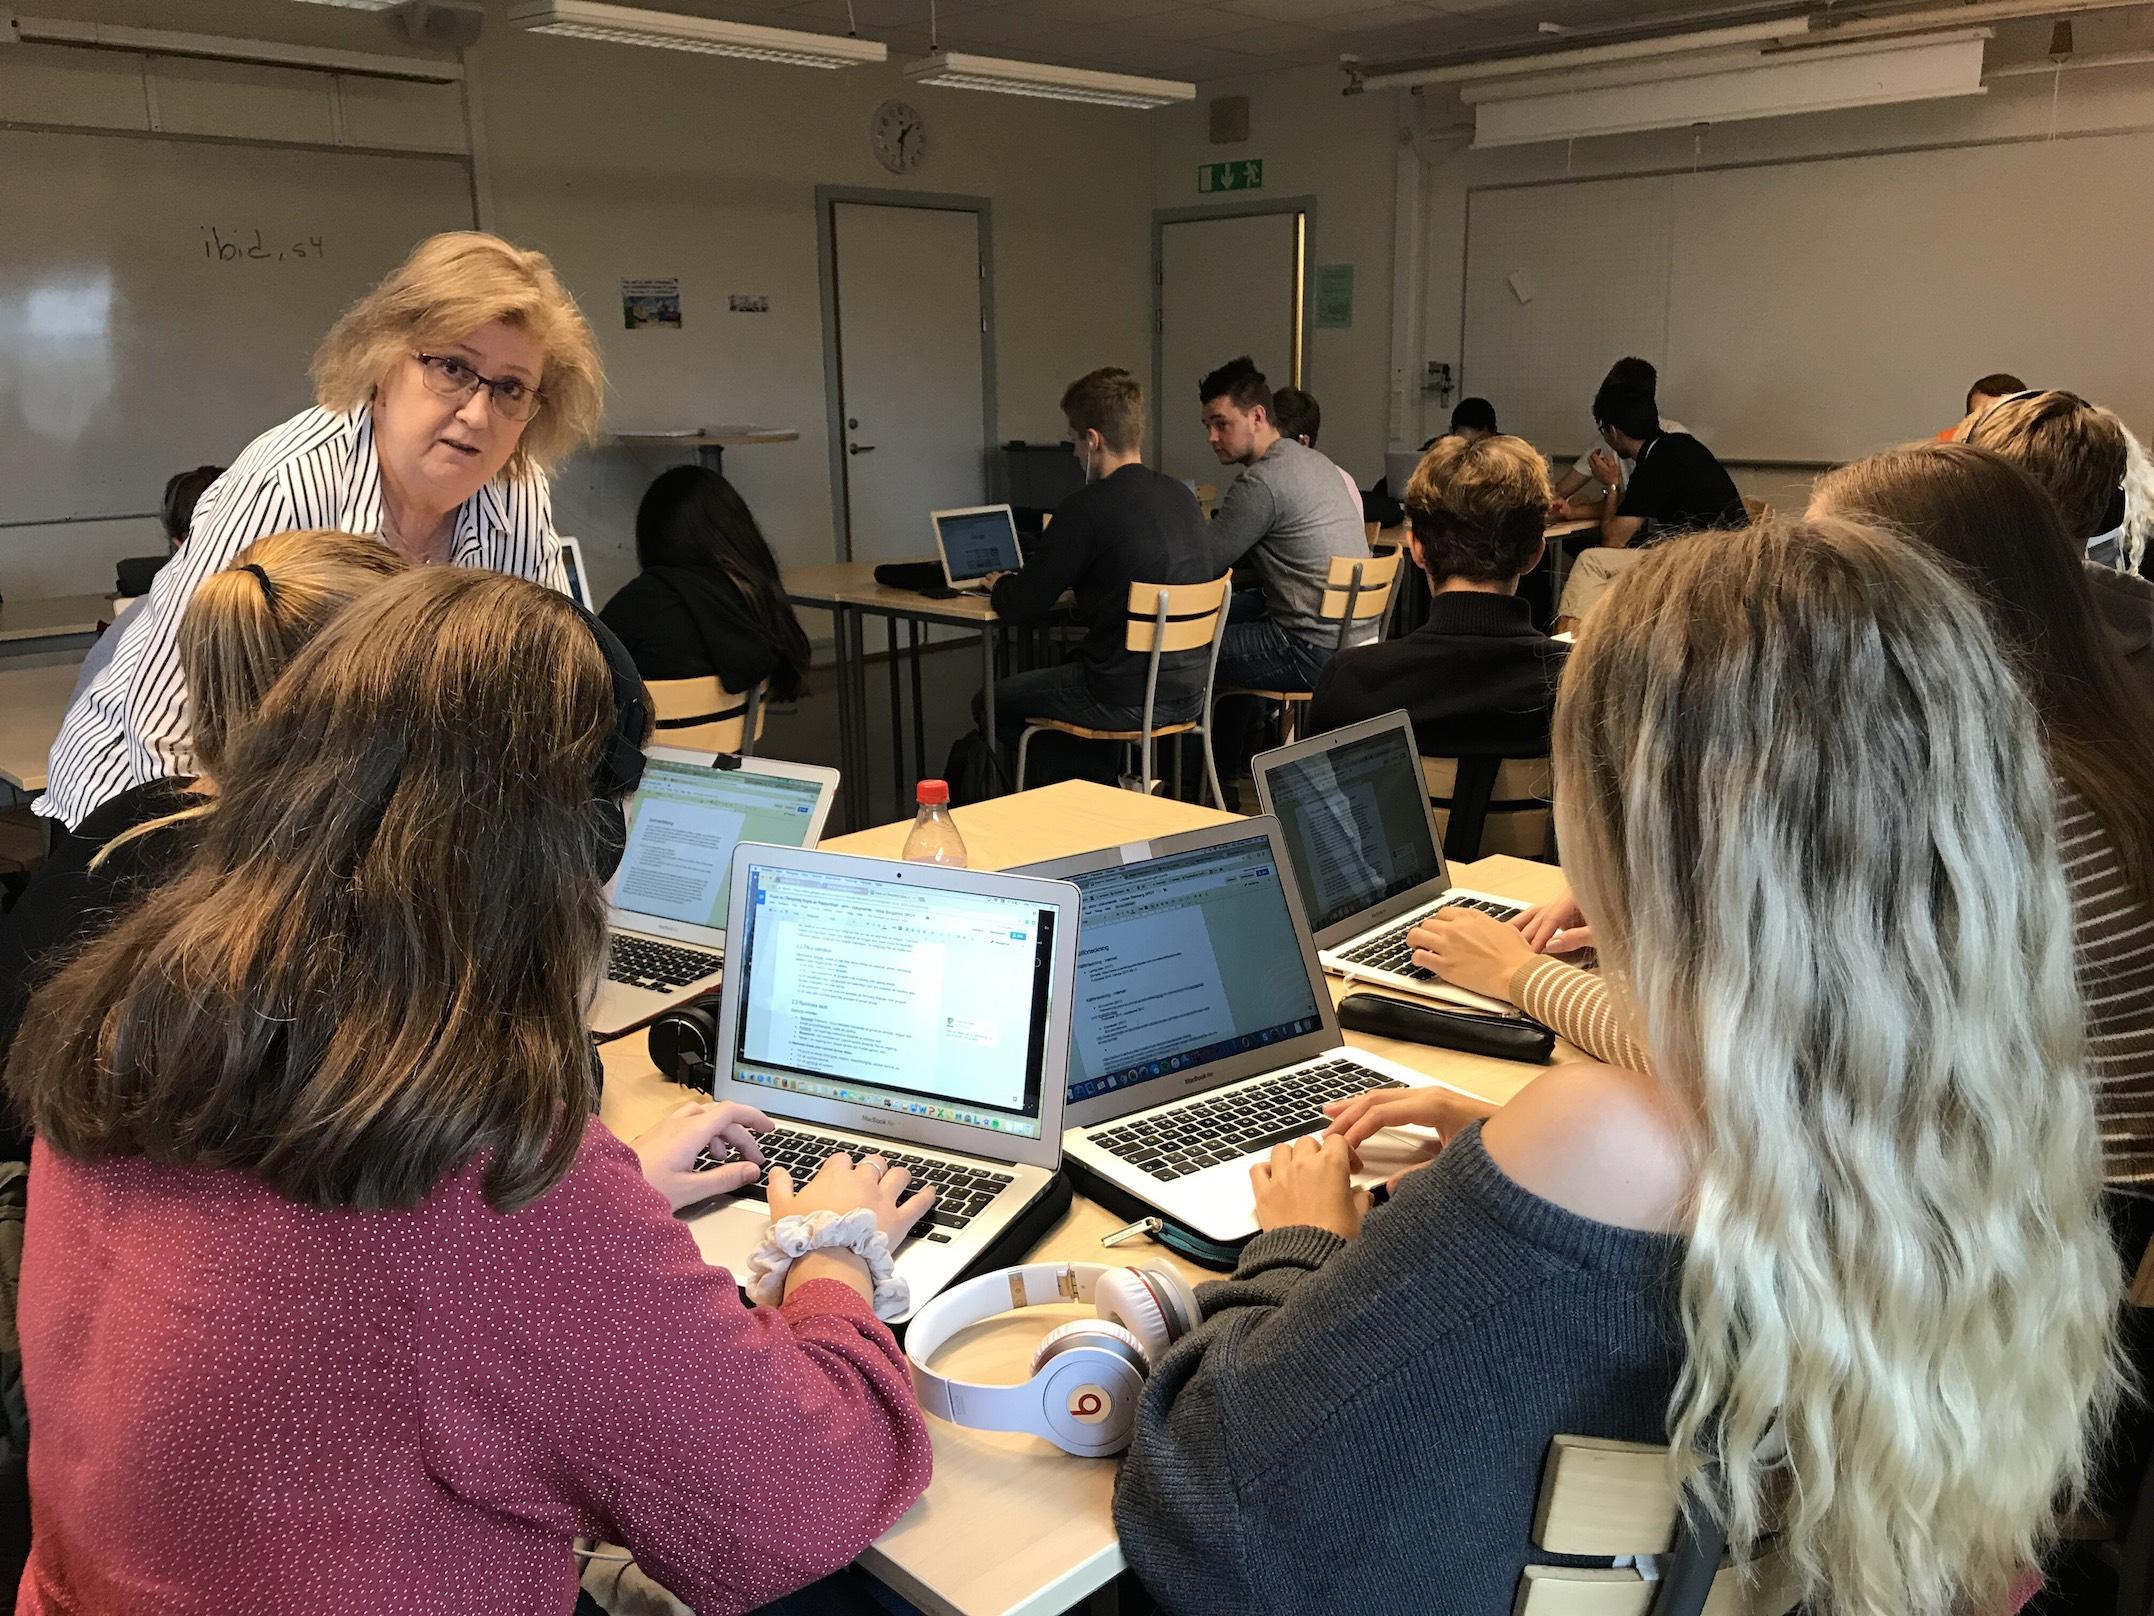 Eva Henriksson Garatea lutar sig över bord där elever jobbar med sina datorer.